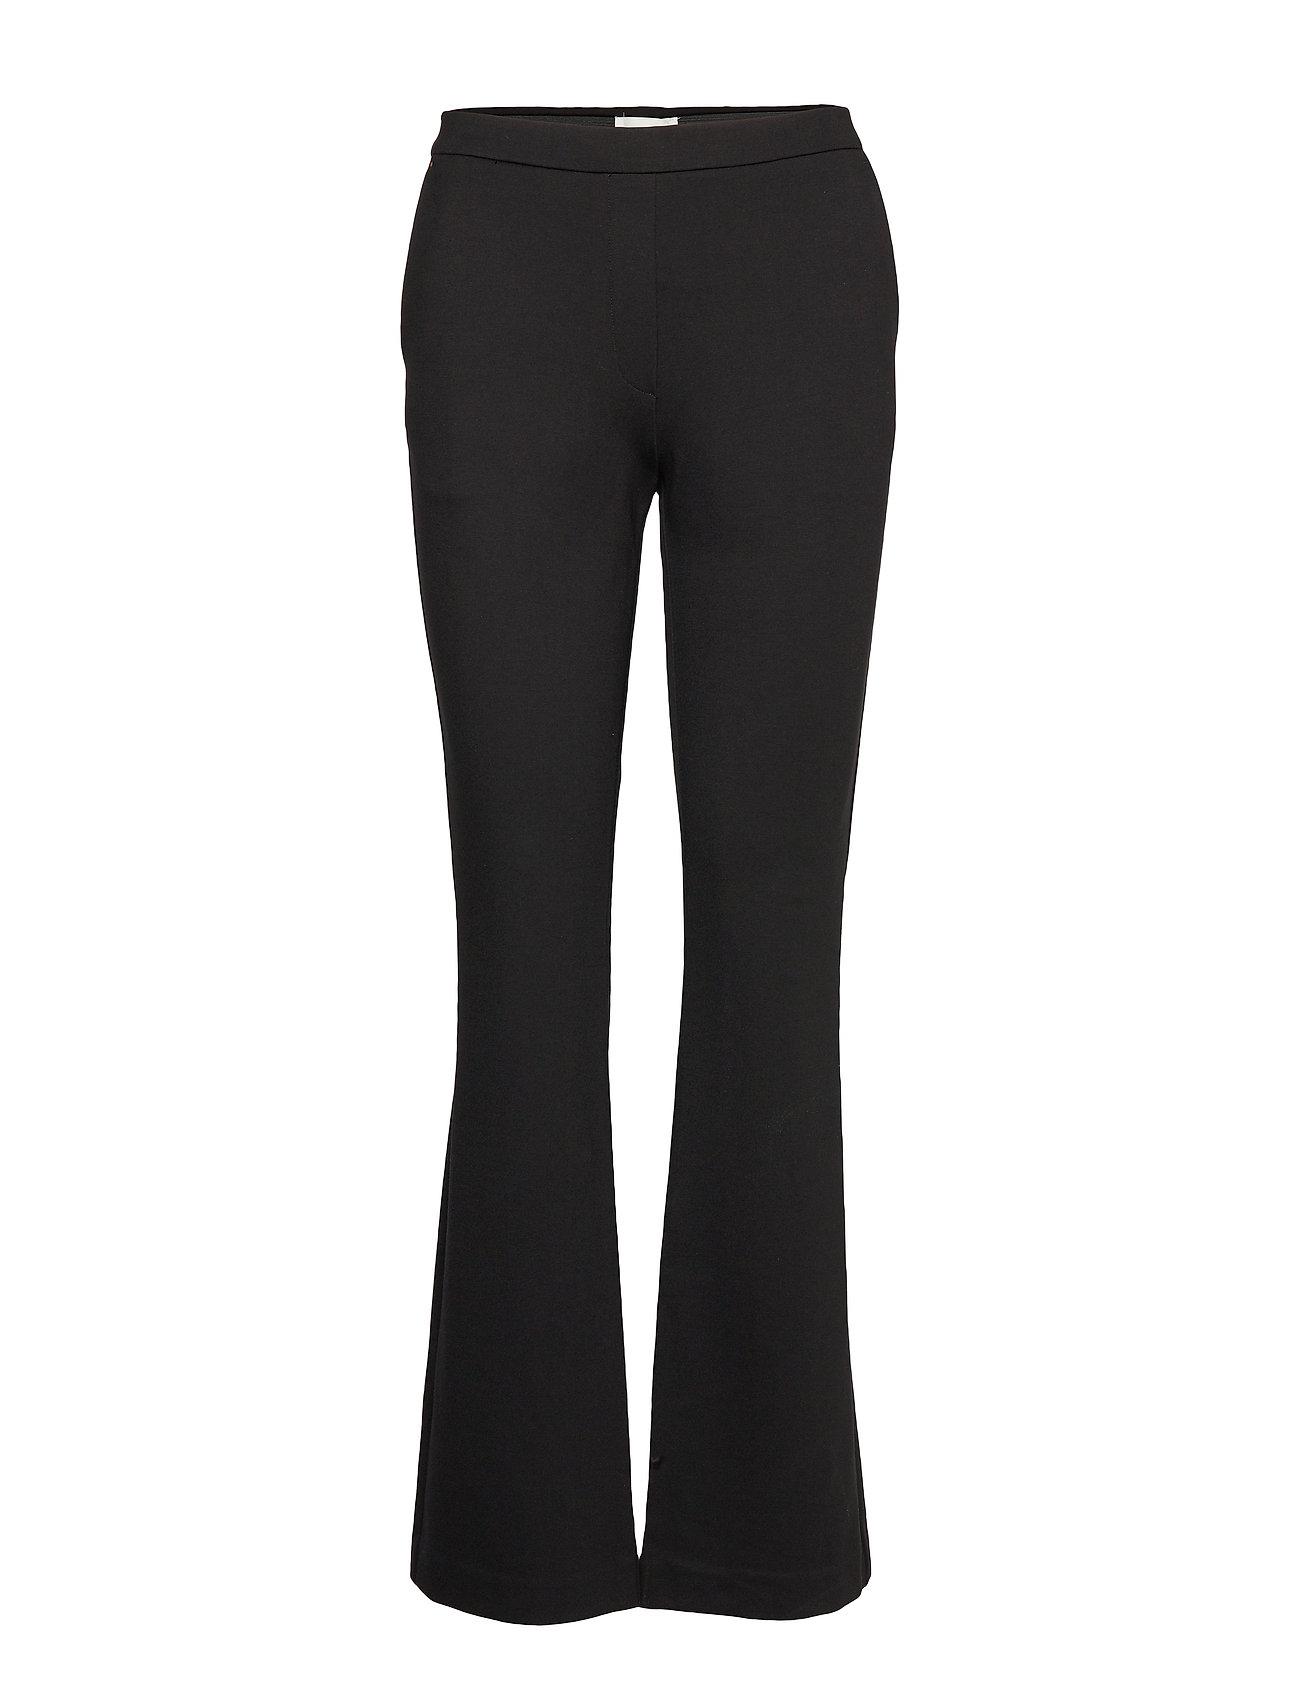 Modström Tanny flare pants - BLACK